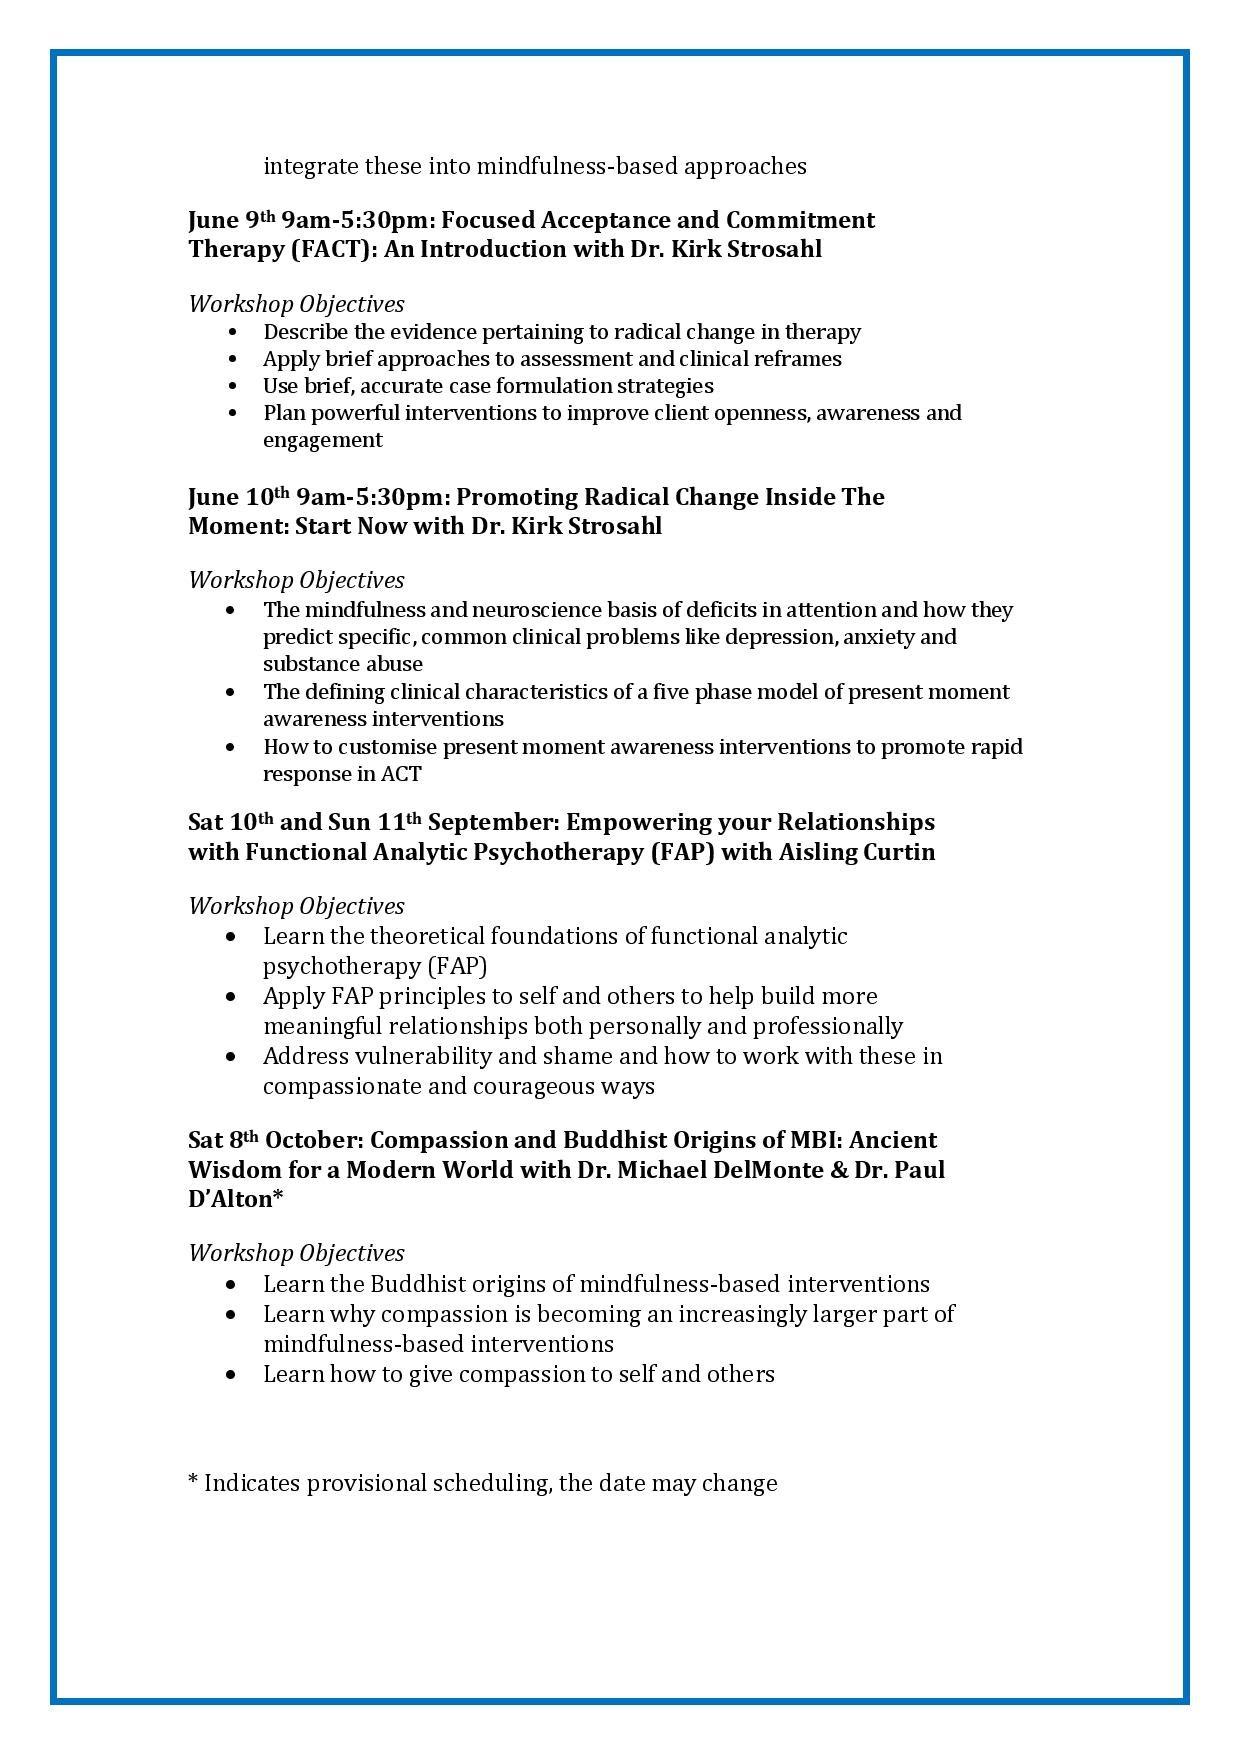 radical acceptance worksheet the best and most comprehensive worksheets. Black Bedroom Furniture Sets. Home Design Ideas